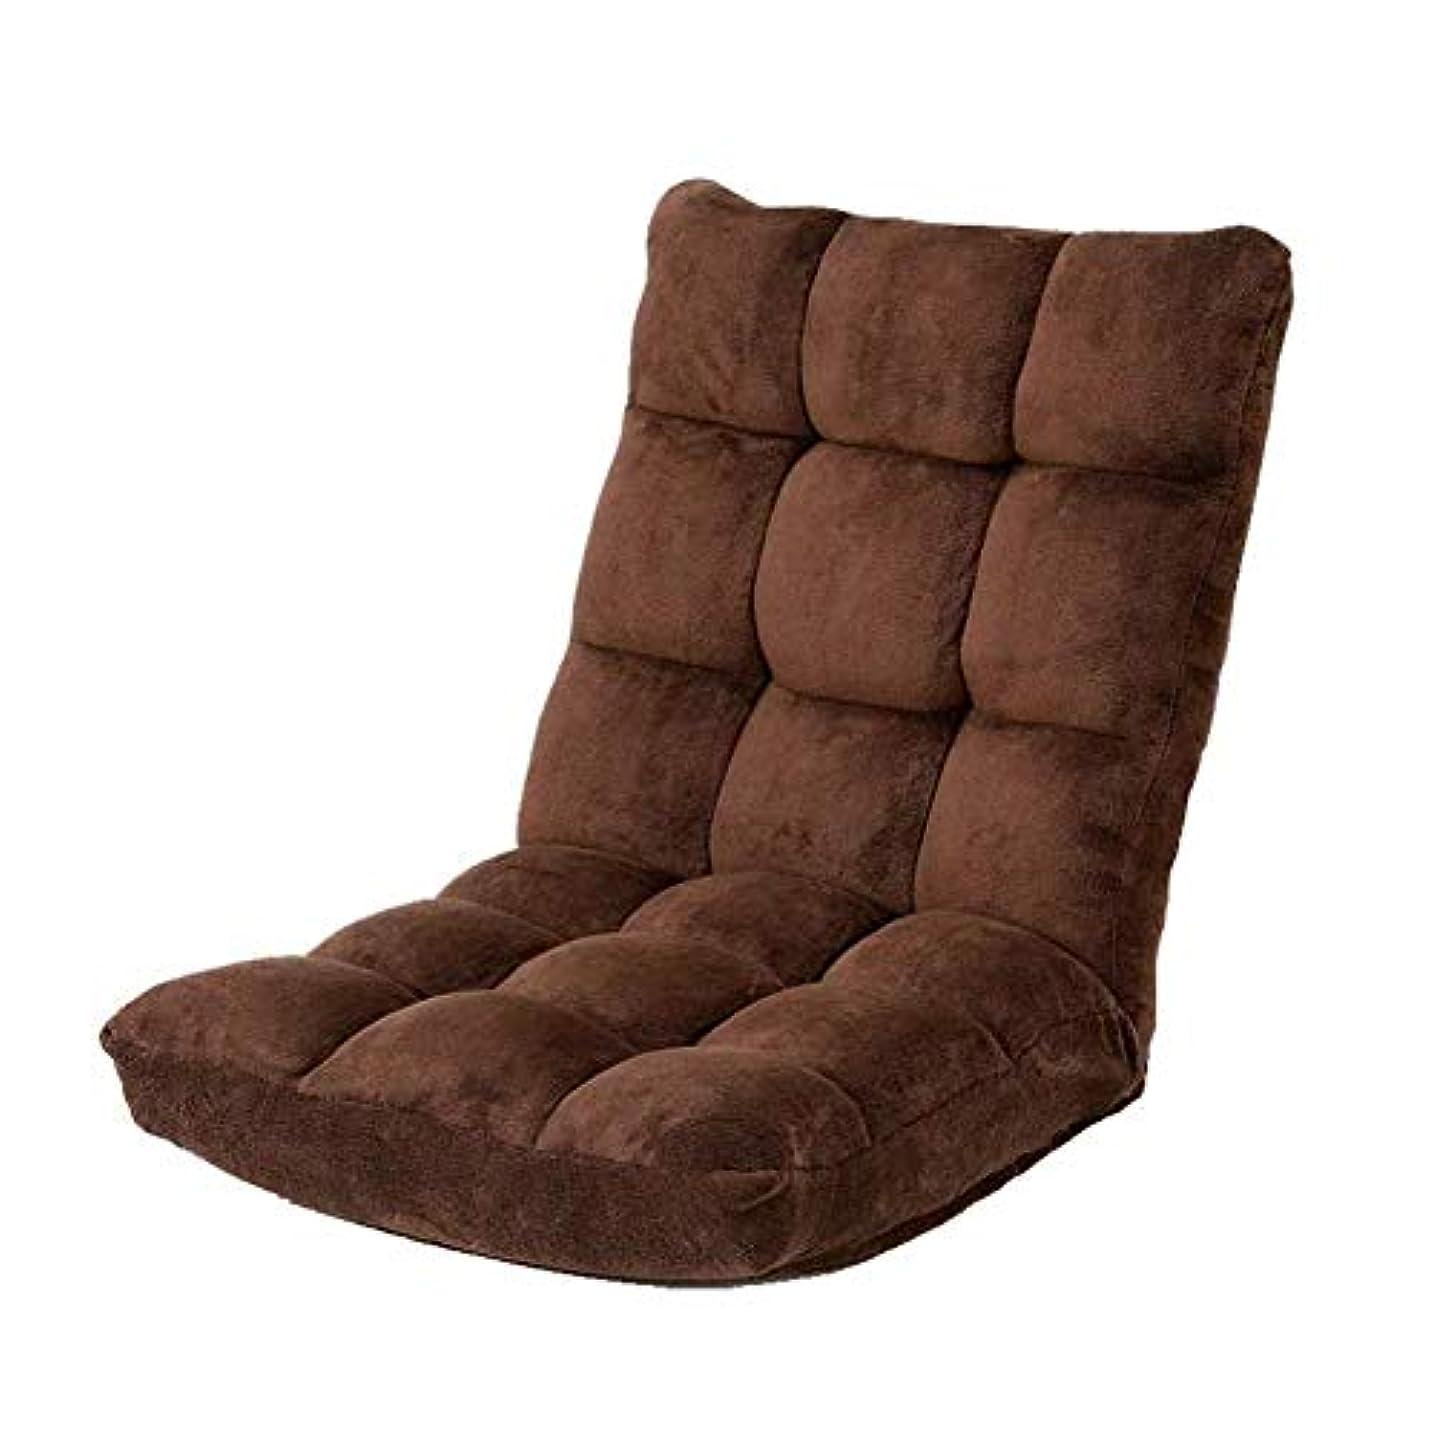 ひそかに改善する構造瞑想用椅子、座りソファー、折りたたみ式畳床、折りたたみ式解体および洗濯可能増粘、レッグレスカジュアルシングルリクライニングベッド (Color : Brown)